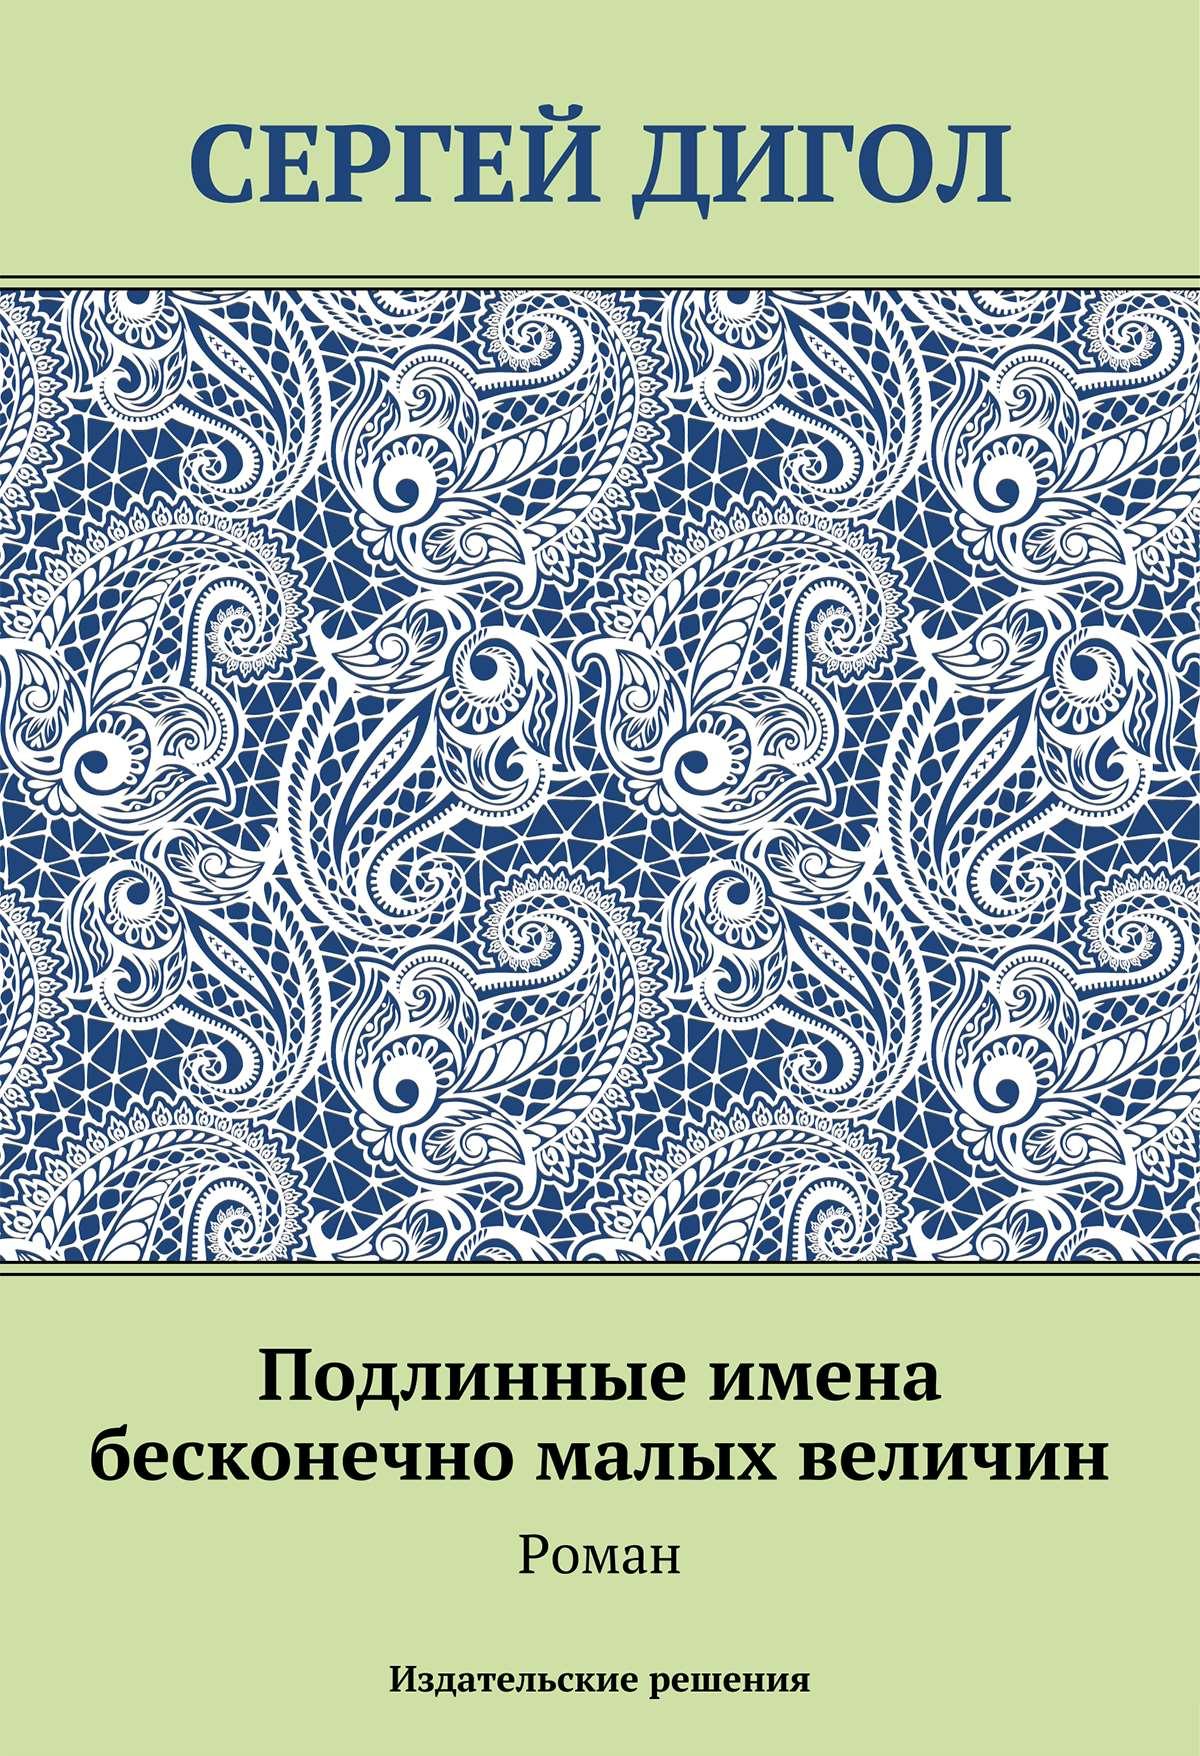 цена на Сергей Дигол Подлинные имена бесконечно малых величин